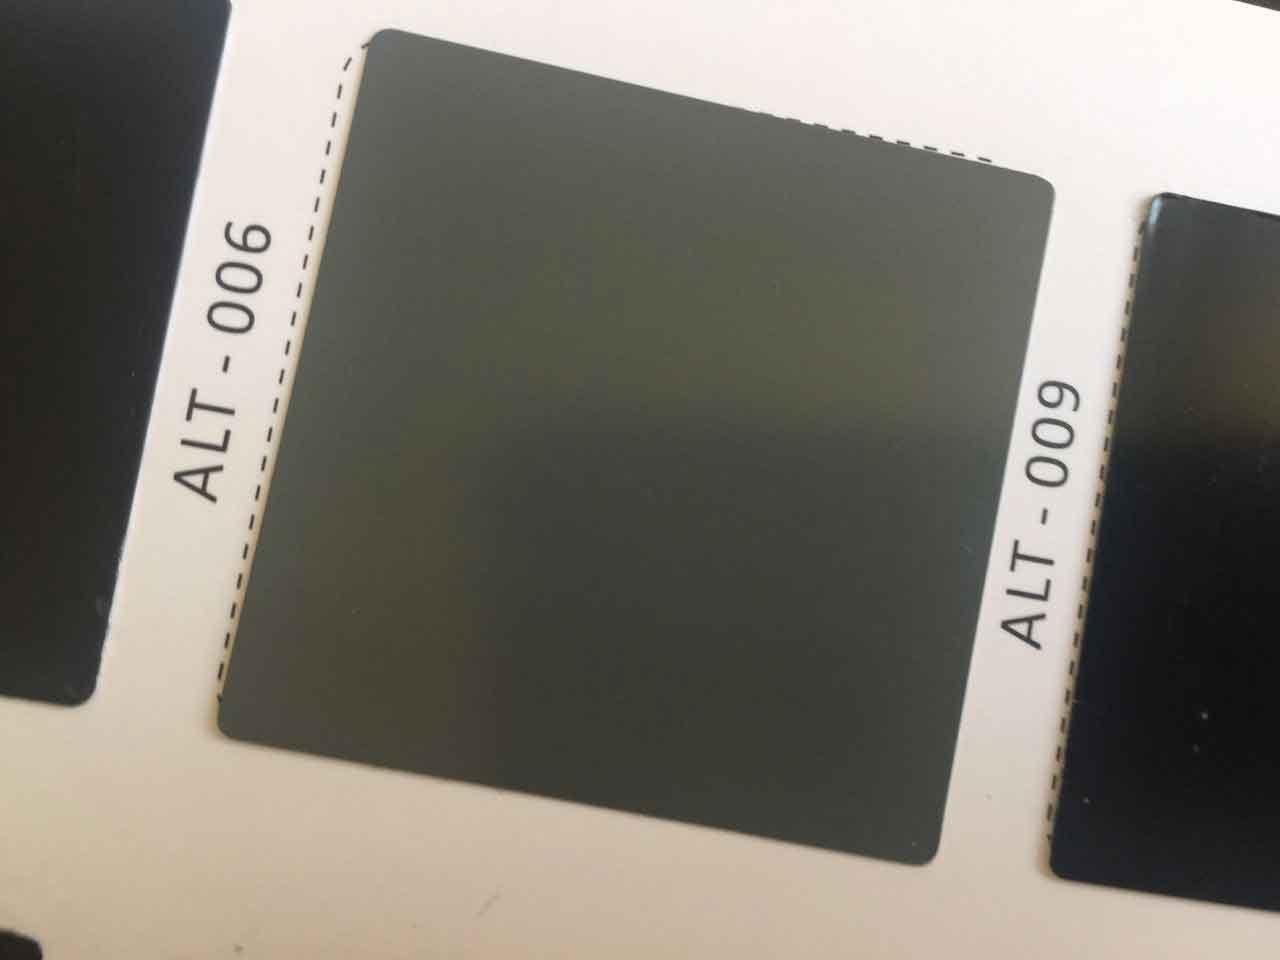 ورق کامپوزیت نوک مدادی آلوتک با کد ALT-009